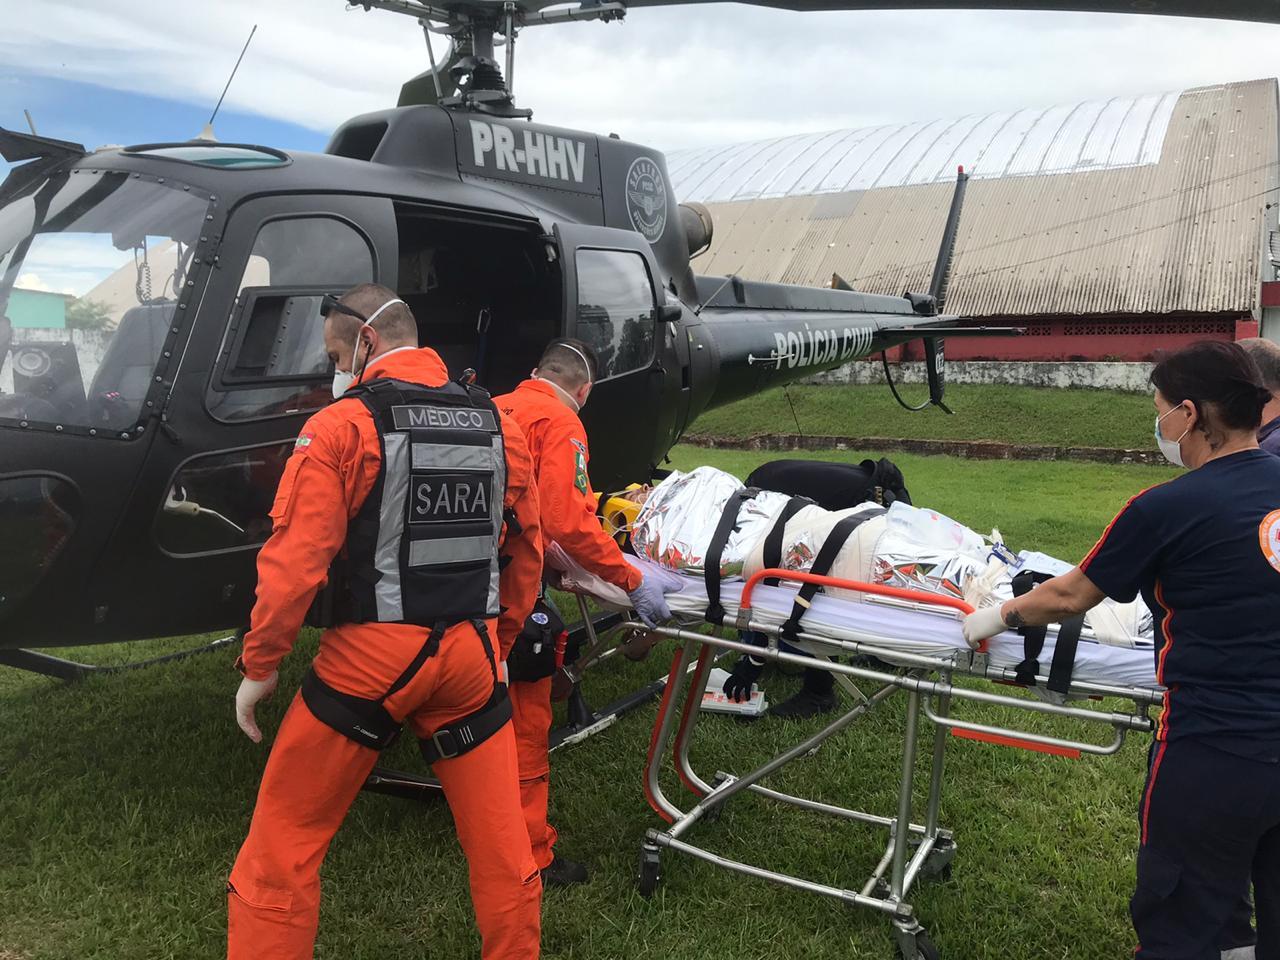 A vítima foi encaminhada ao HRO pelo helicóptero do SAER/SARA. - SAER/Divulgação